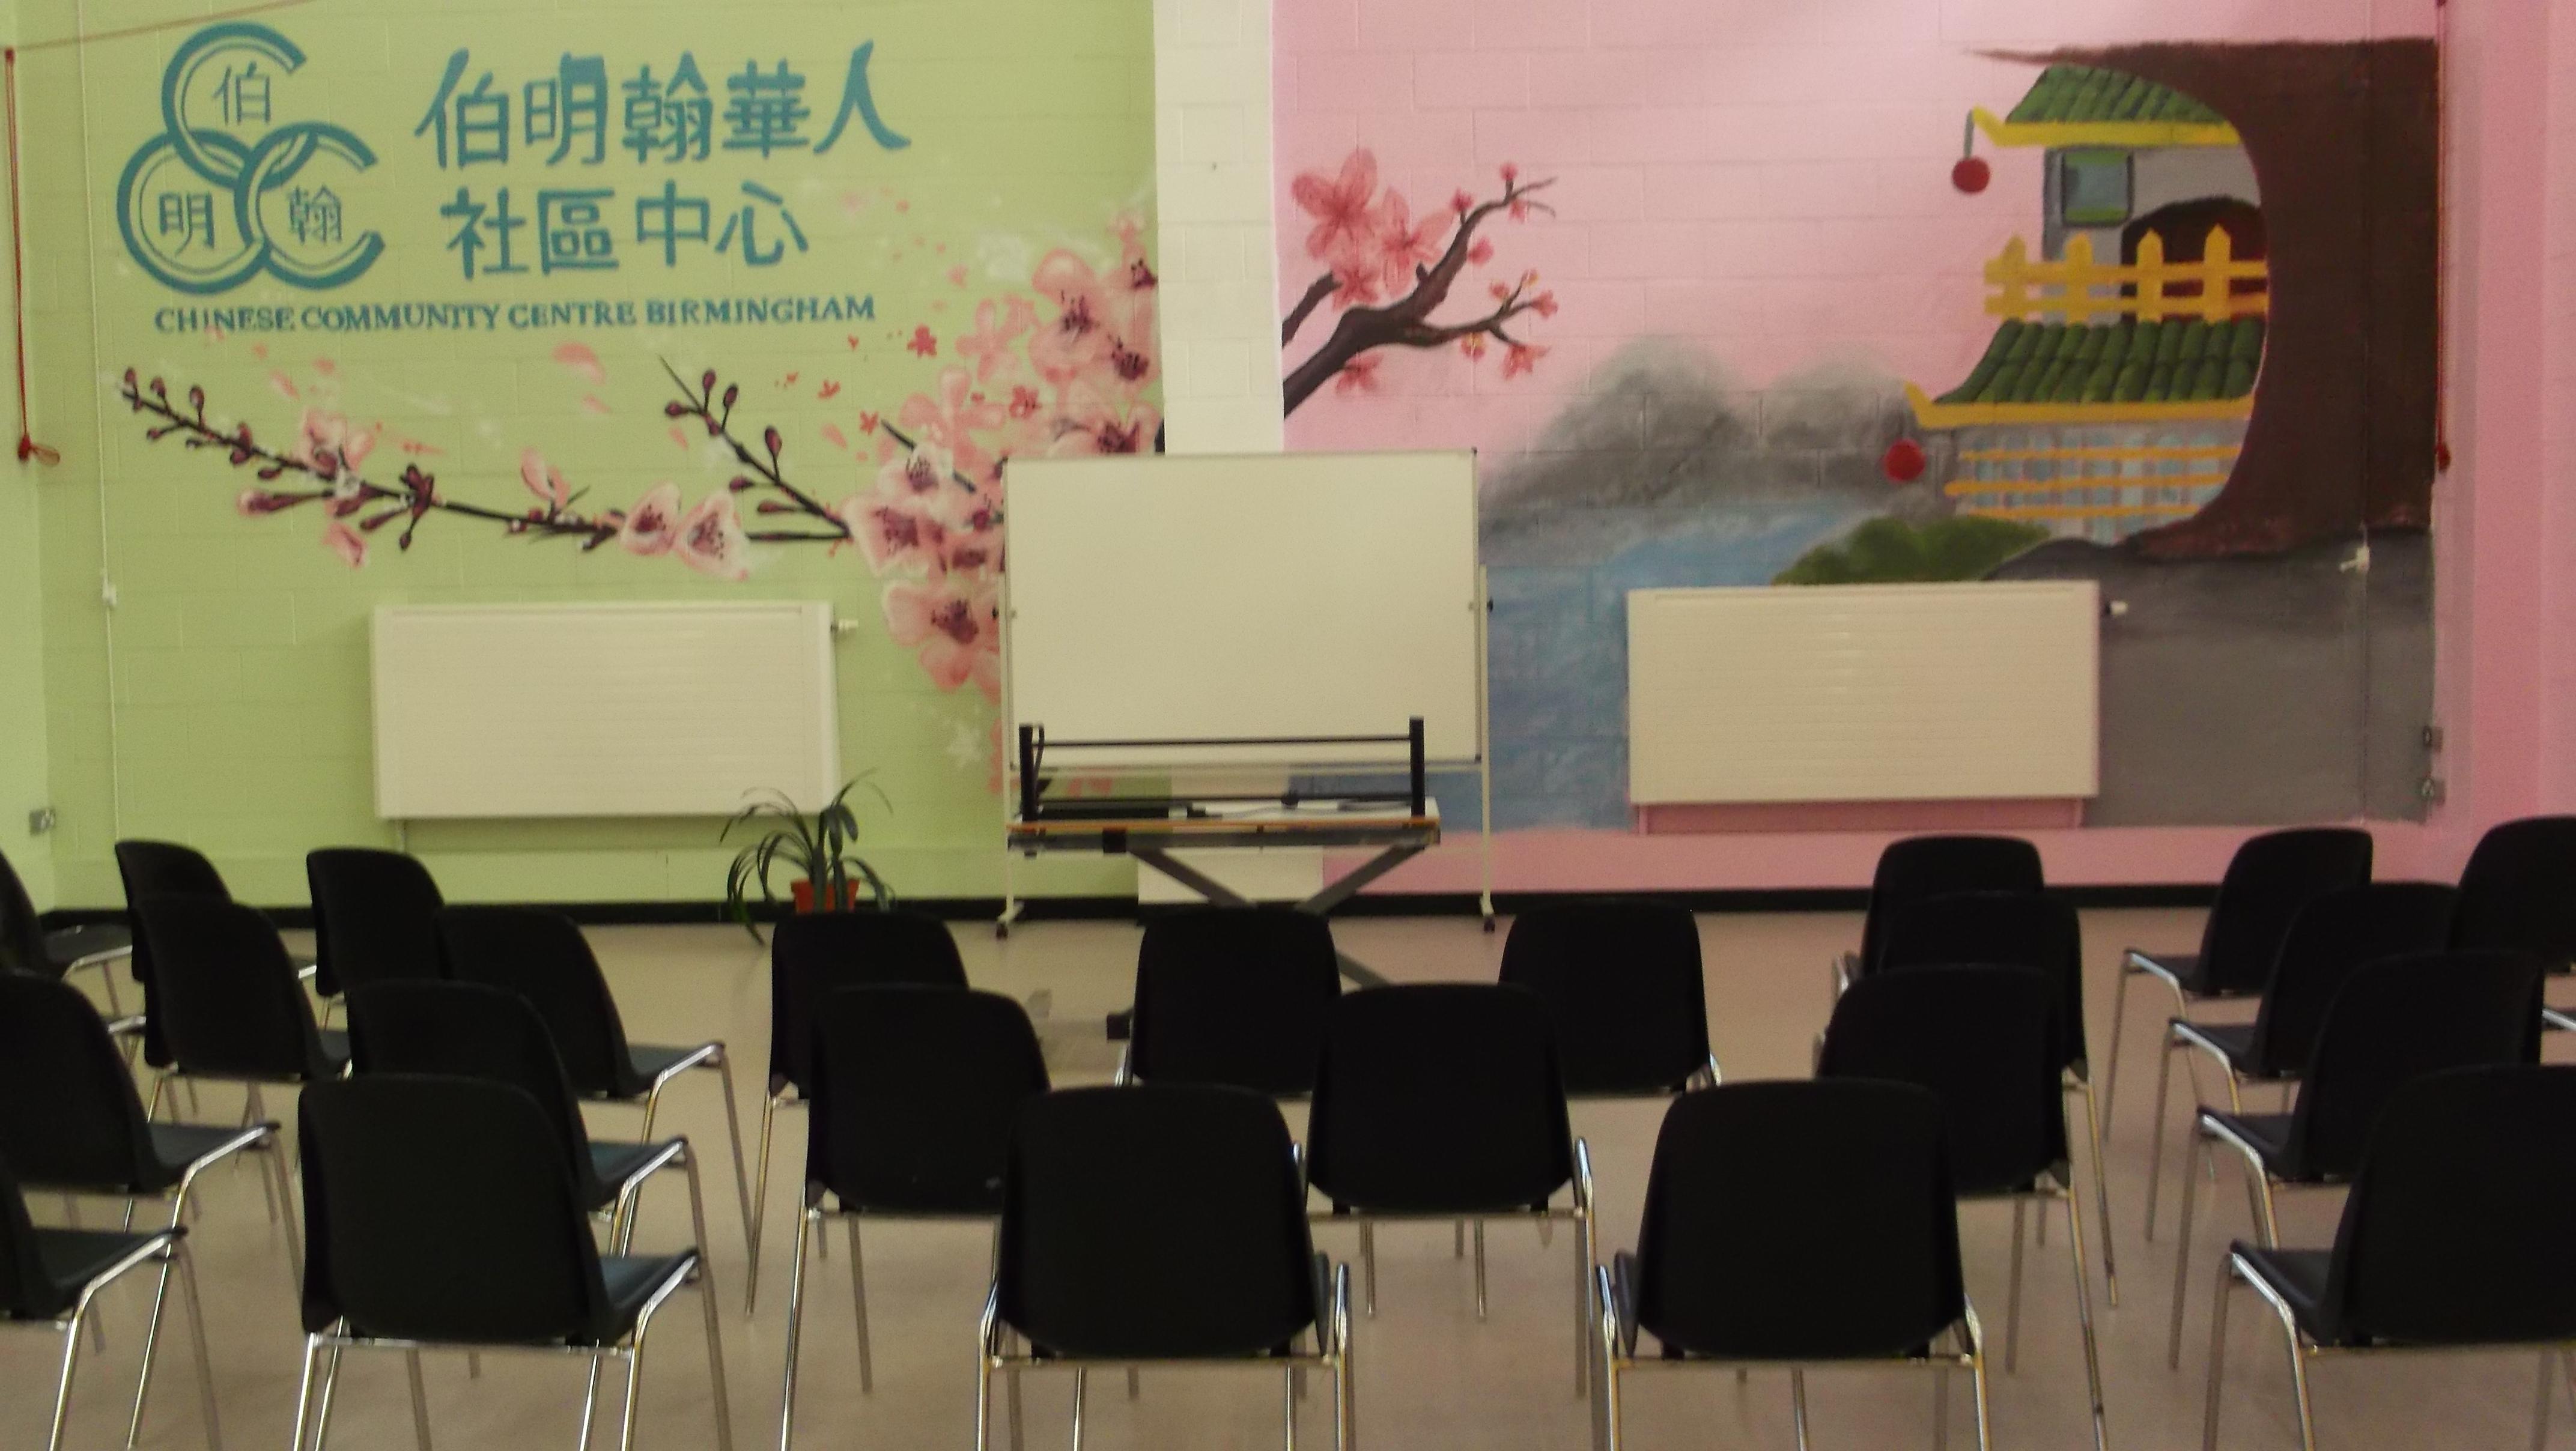 Hall 004